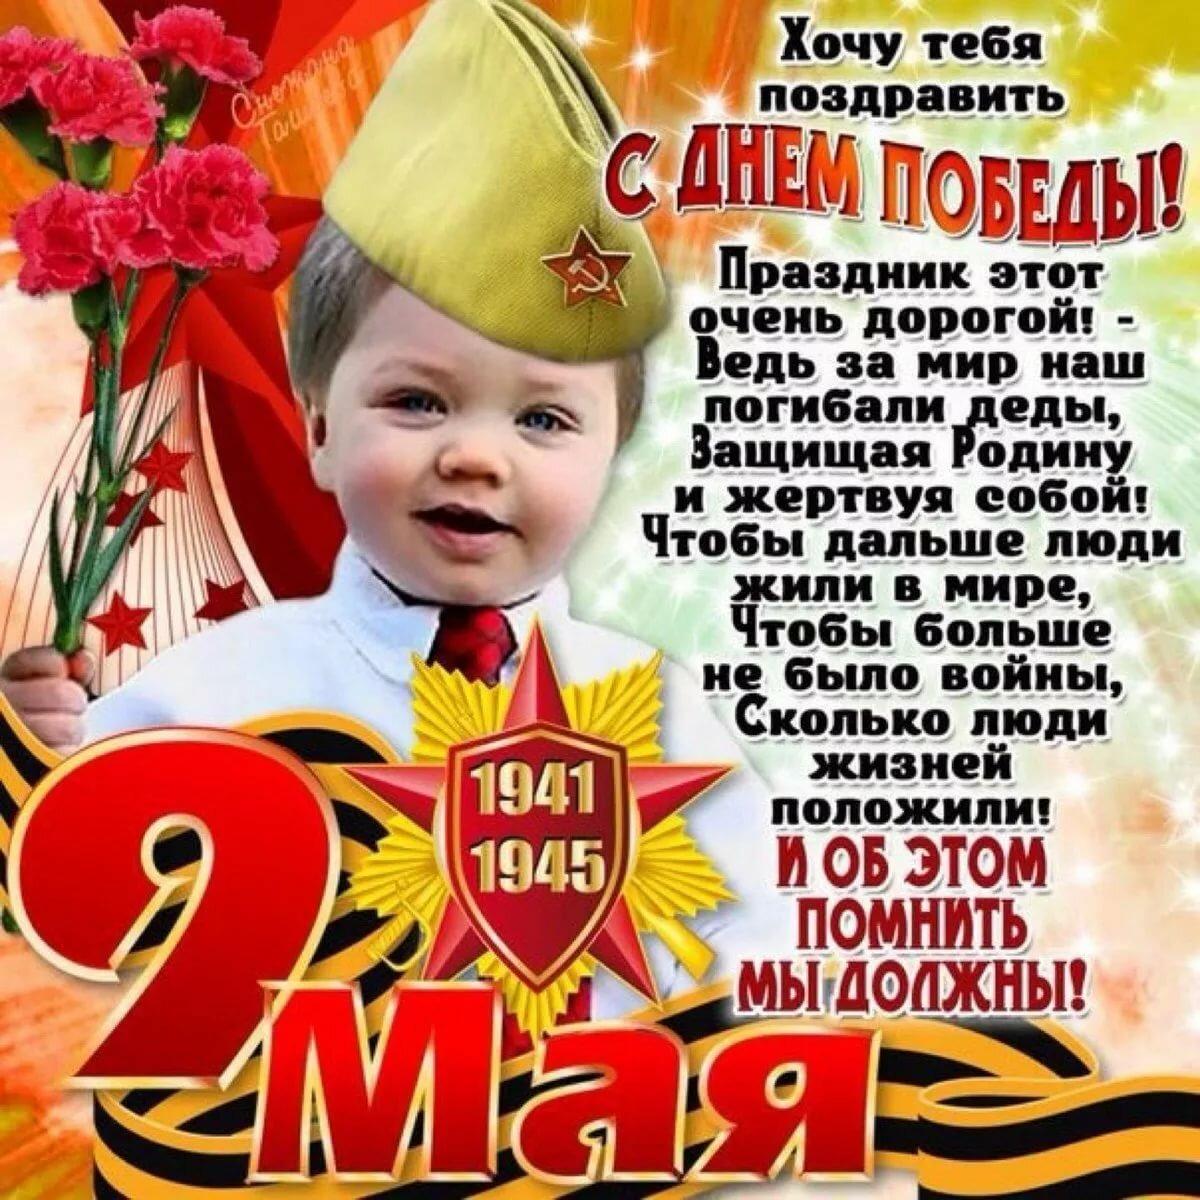 Картинка с поздравлением ко дню победы, красивая открытка